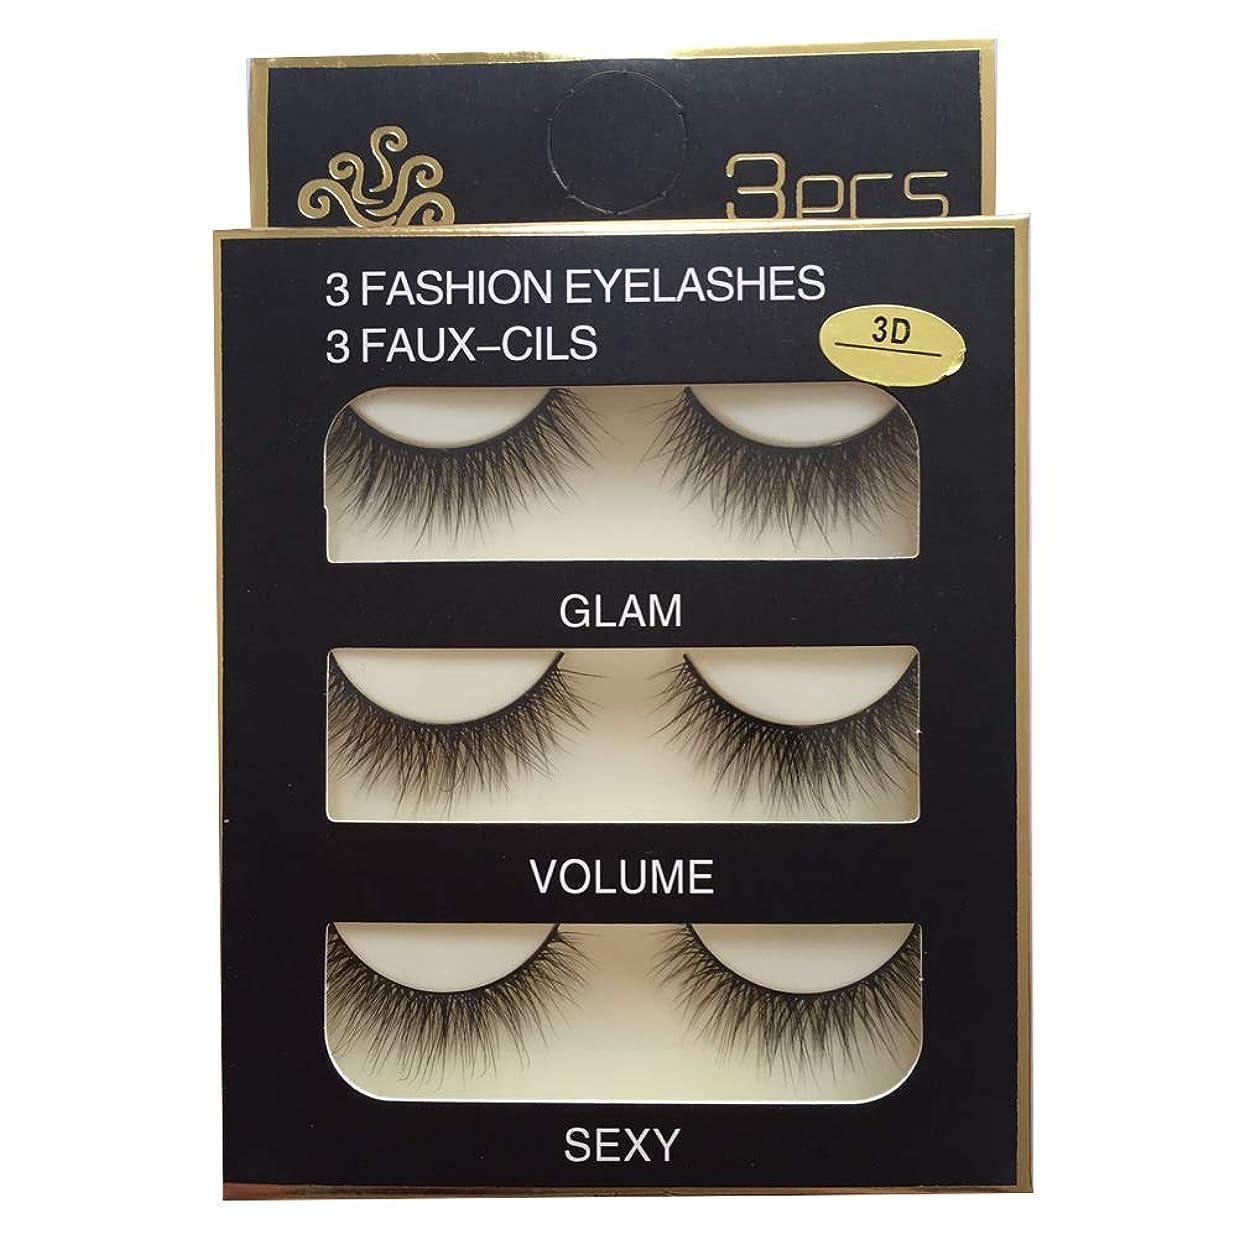 7d76d6ade42 Sunniess Hair Imported Fiber Attractive 3D Mink Handmade Reusable Long  Cross False Eyelashes Makeup Thick Natural